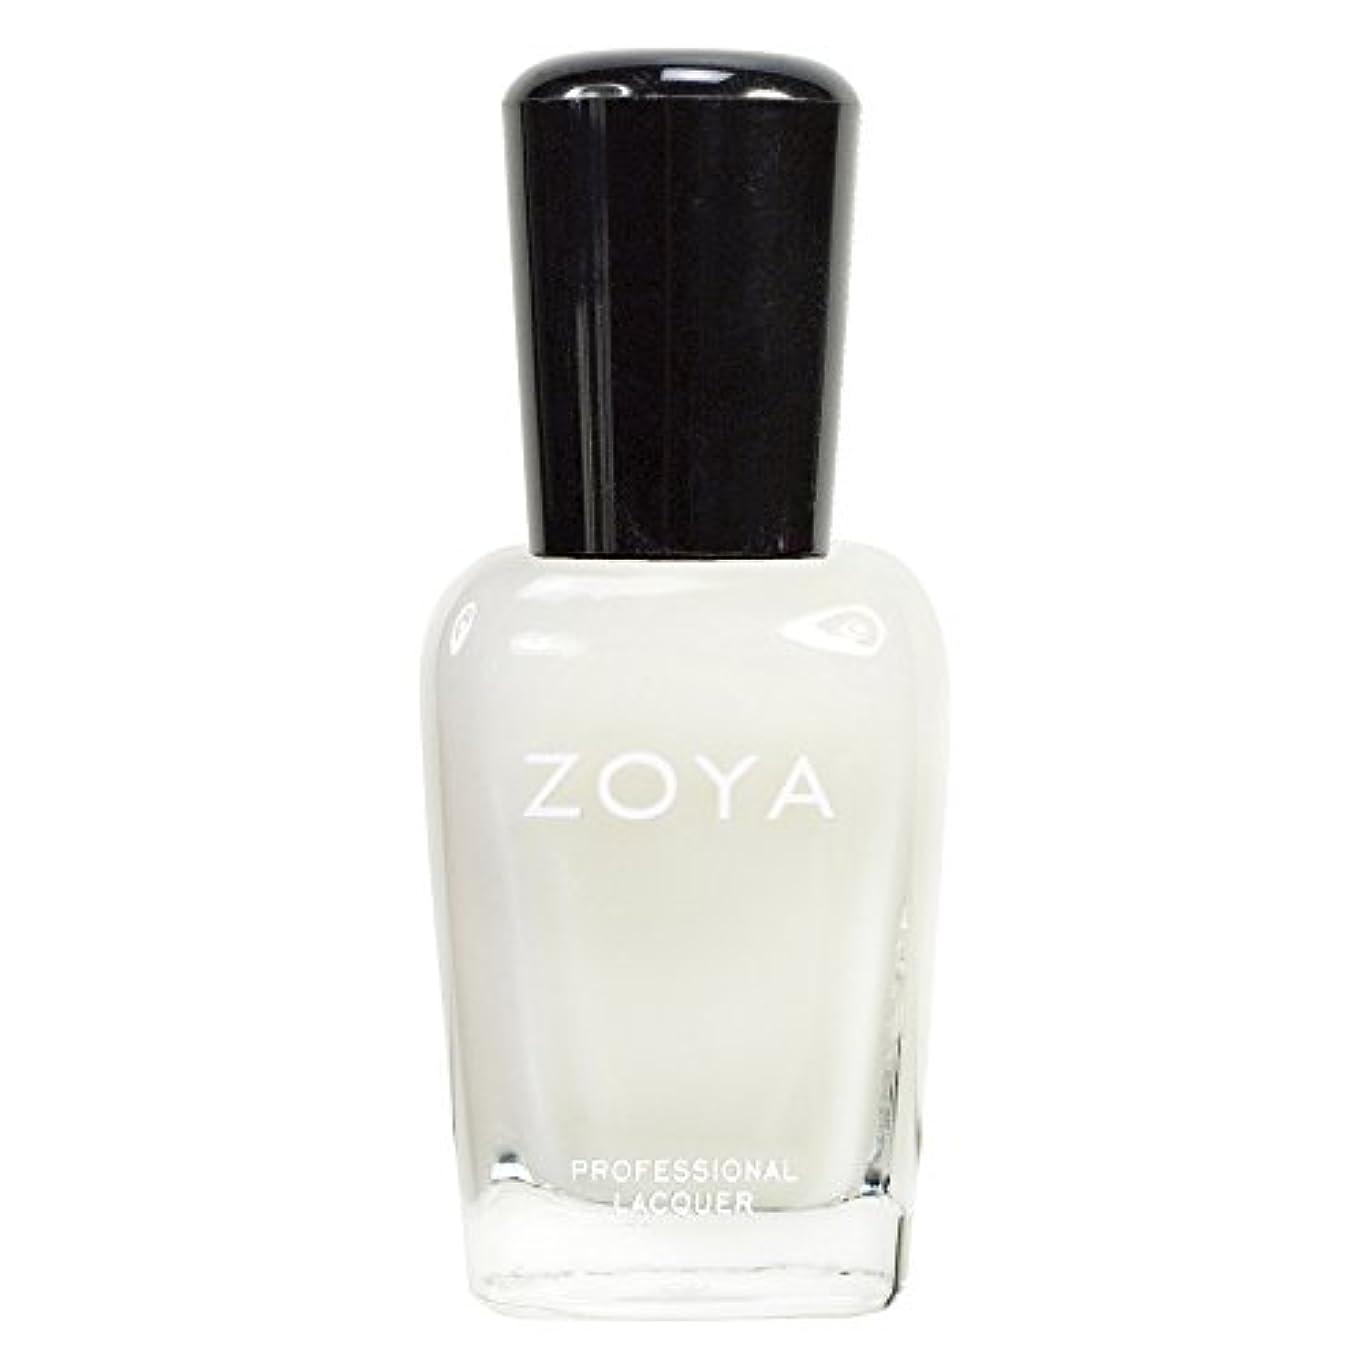 優雅白い熟考するZOYA ゾーヤ ネイルカラーZP330 LUCY ルーシィ 15ml 自然なオフホワイト シアー?マット 爪にやさしいネイルラッカーマニキュア